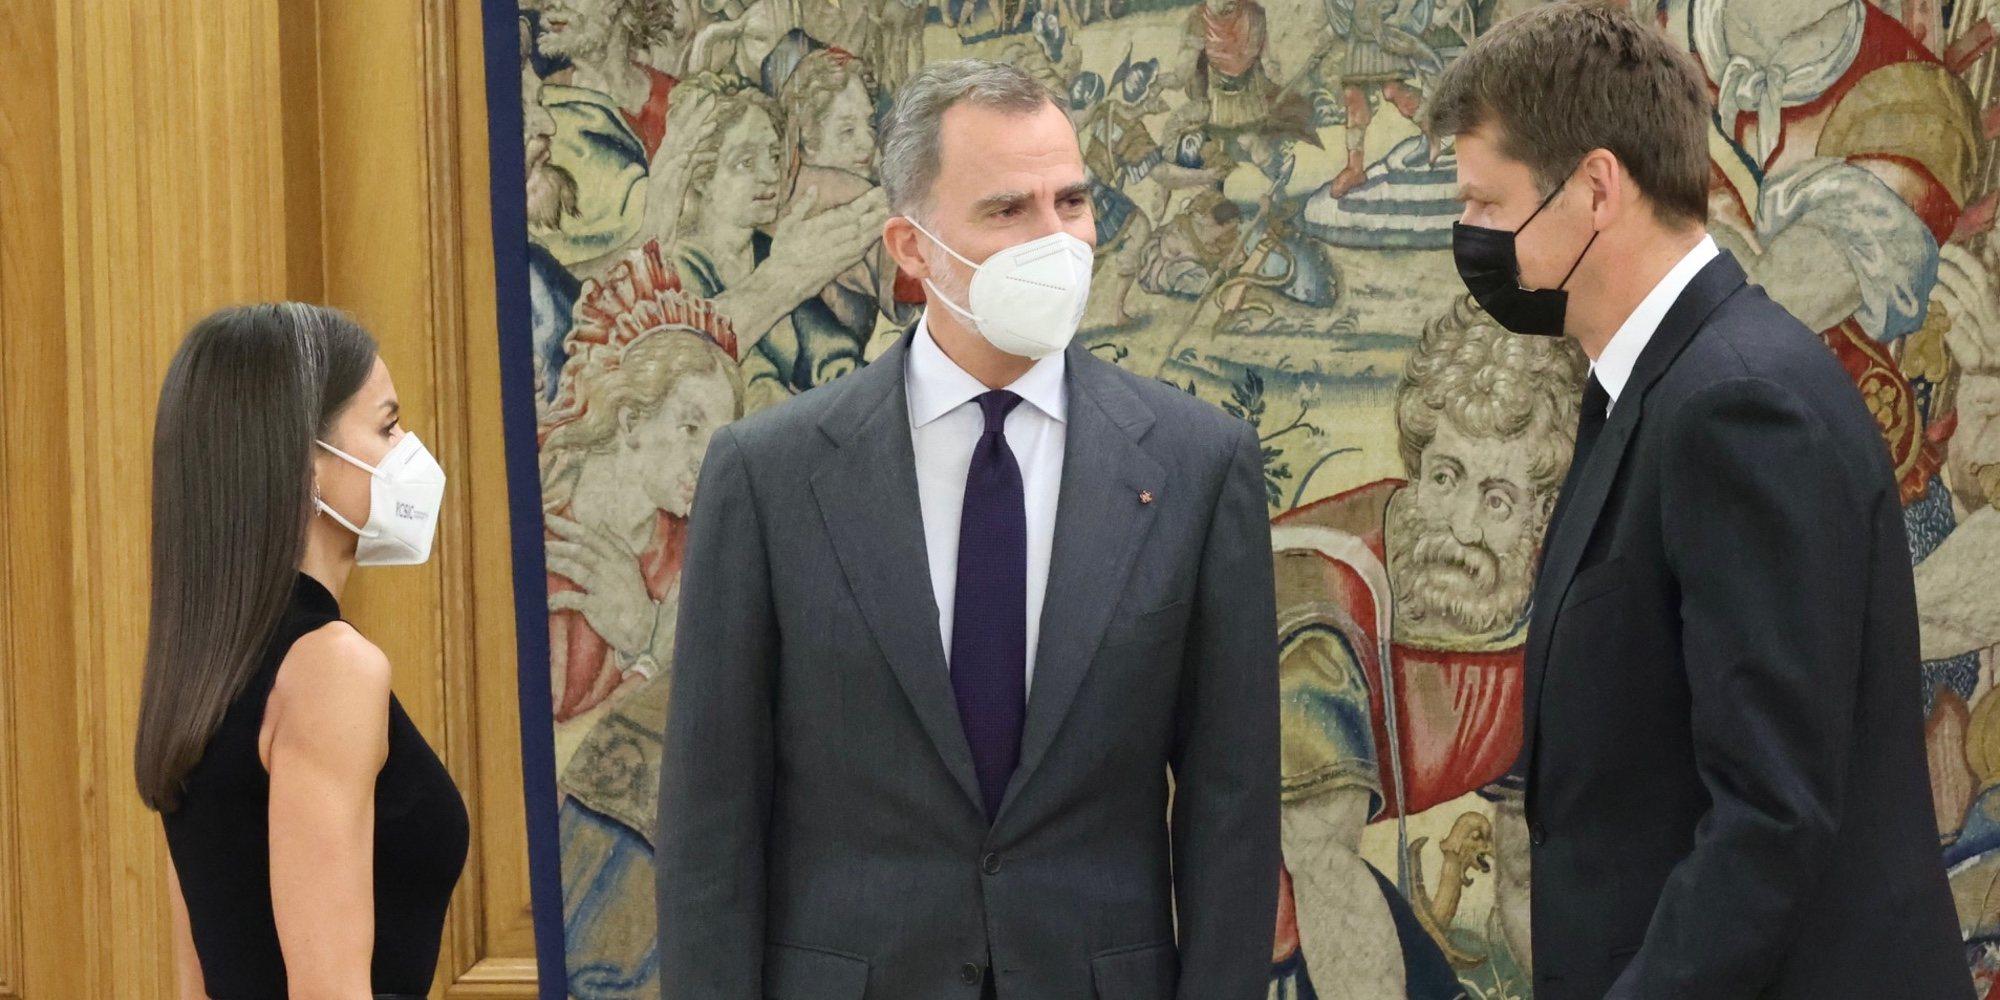 Los Reyes Felipe y Letizia rinden homenaje al Duque de Edimburgo recibiendo al Embajador de Reino Unido en España